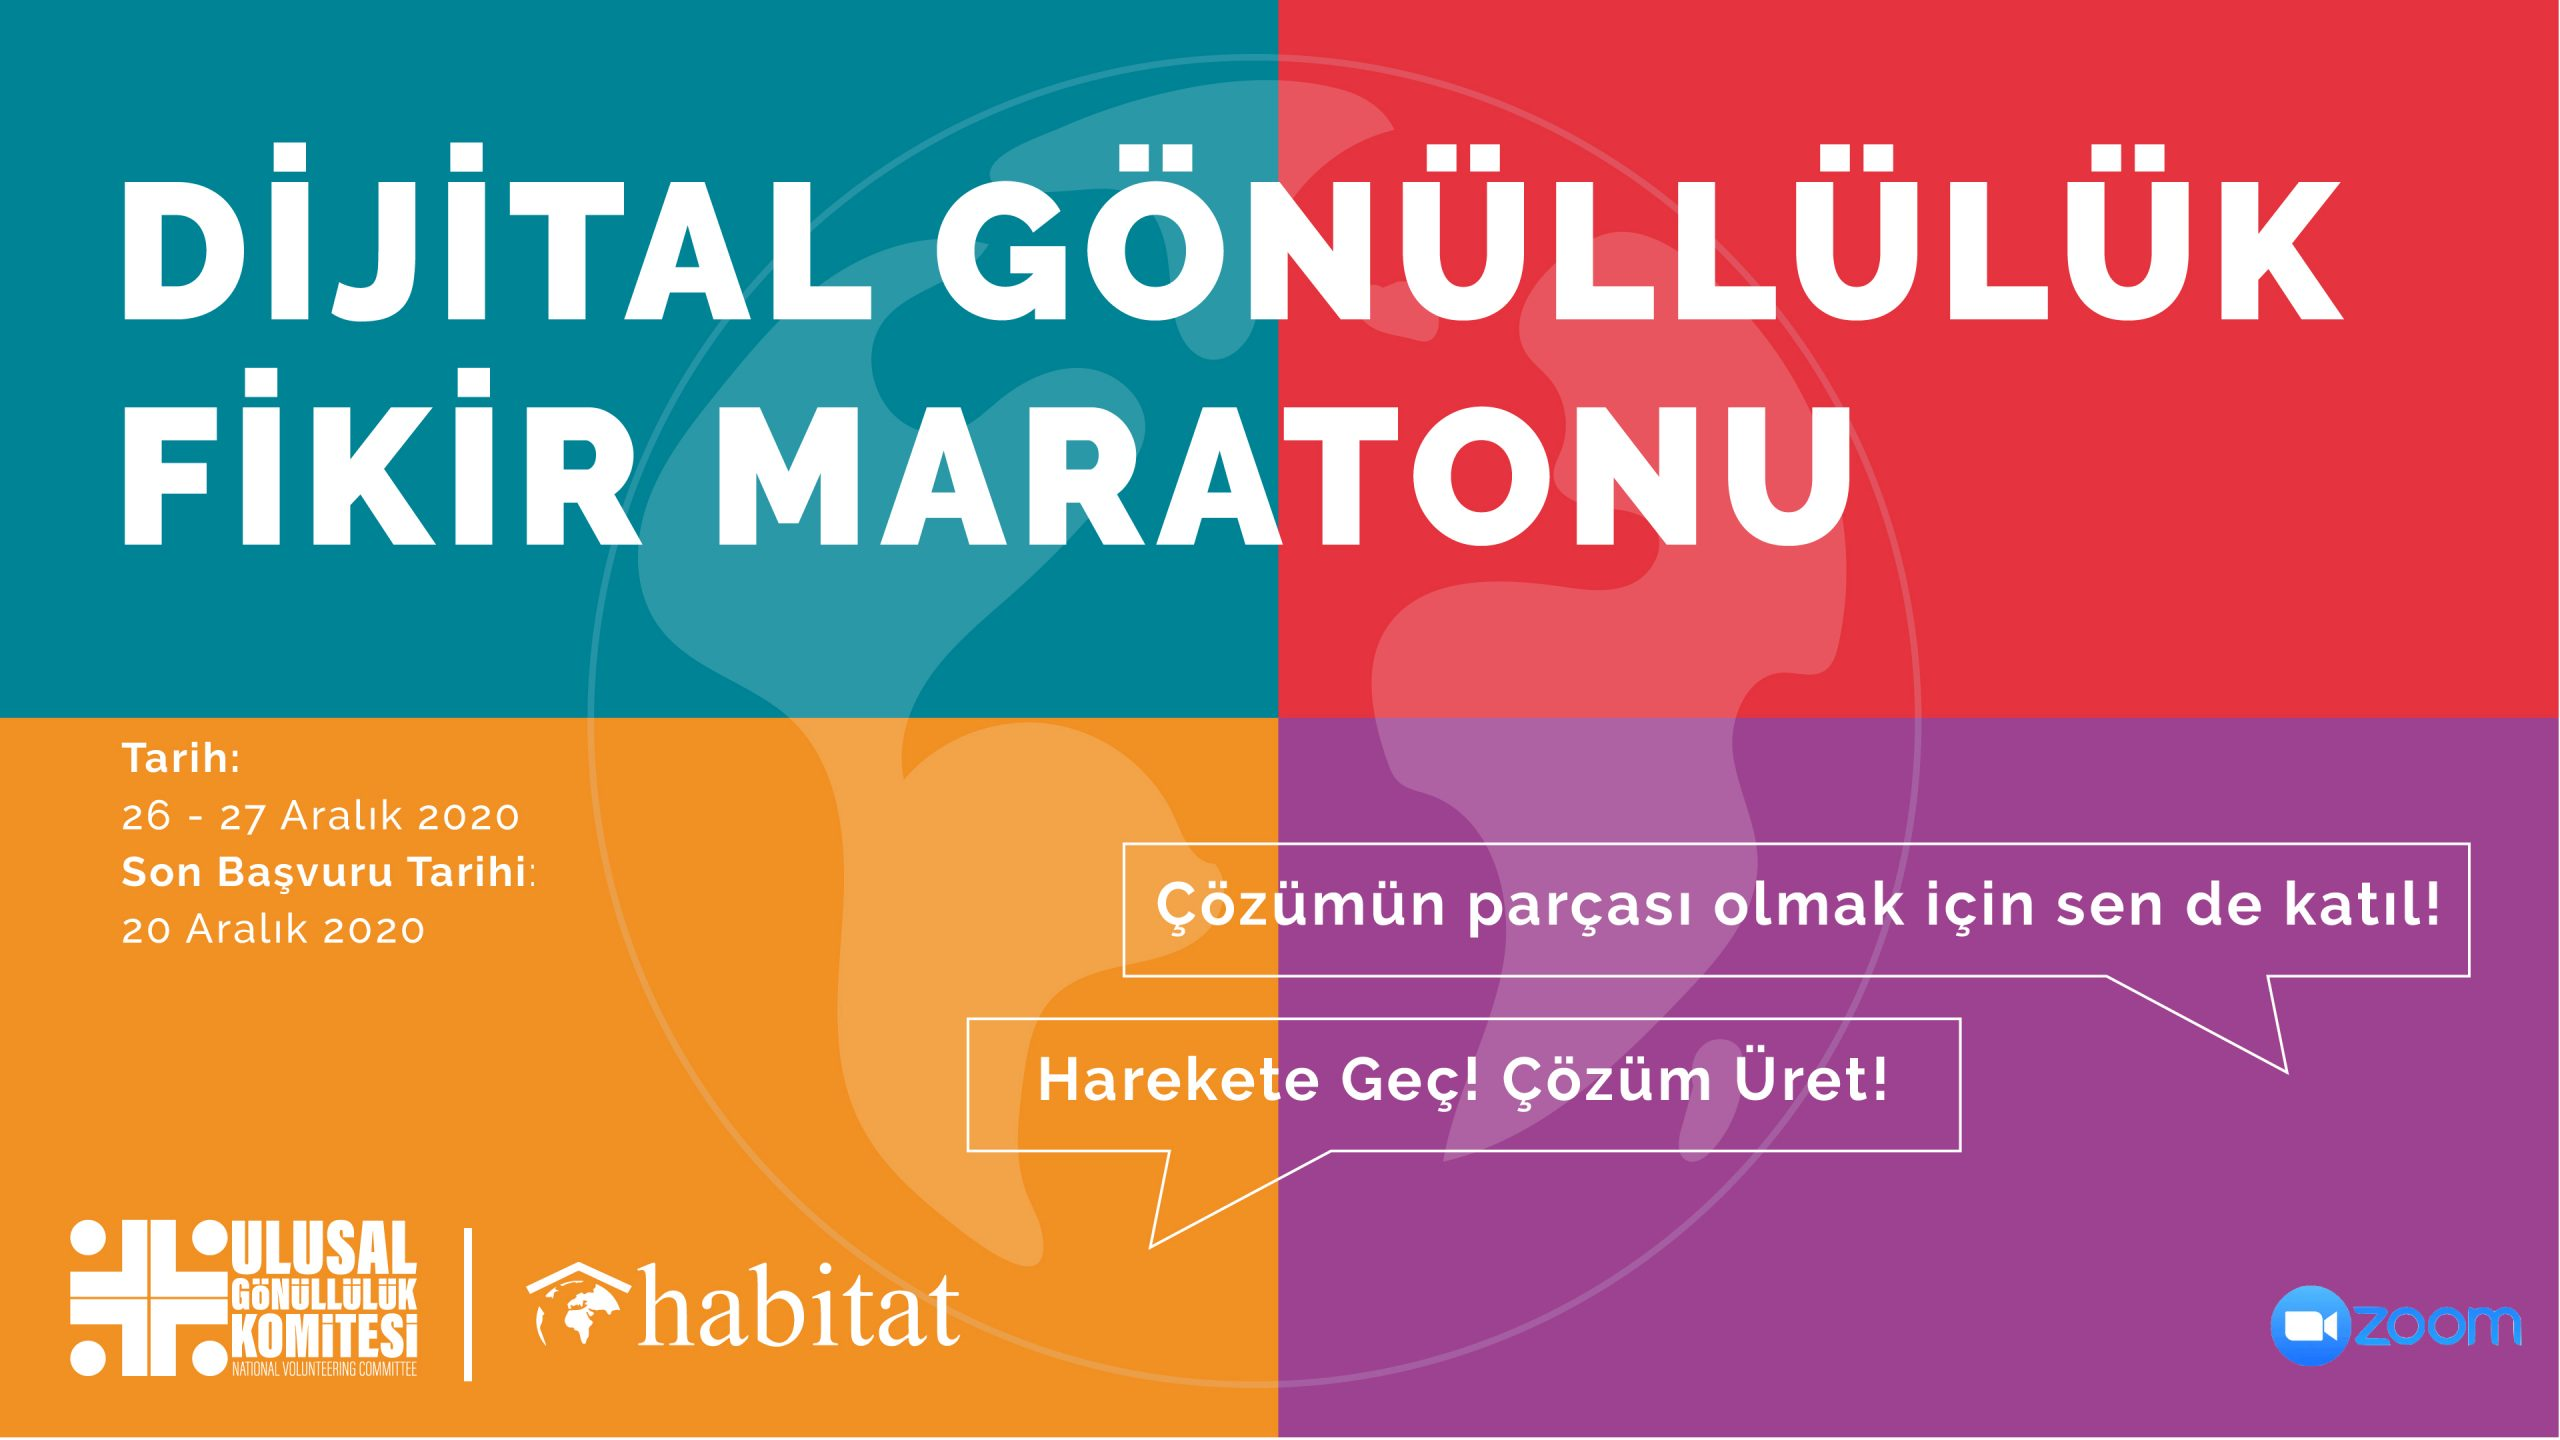 Dijital Gönüllülük Fikir Maratonu